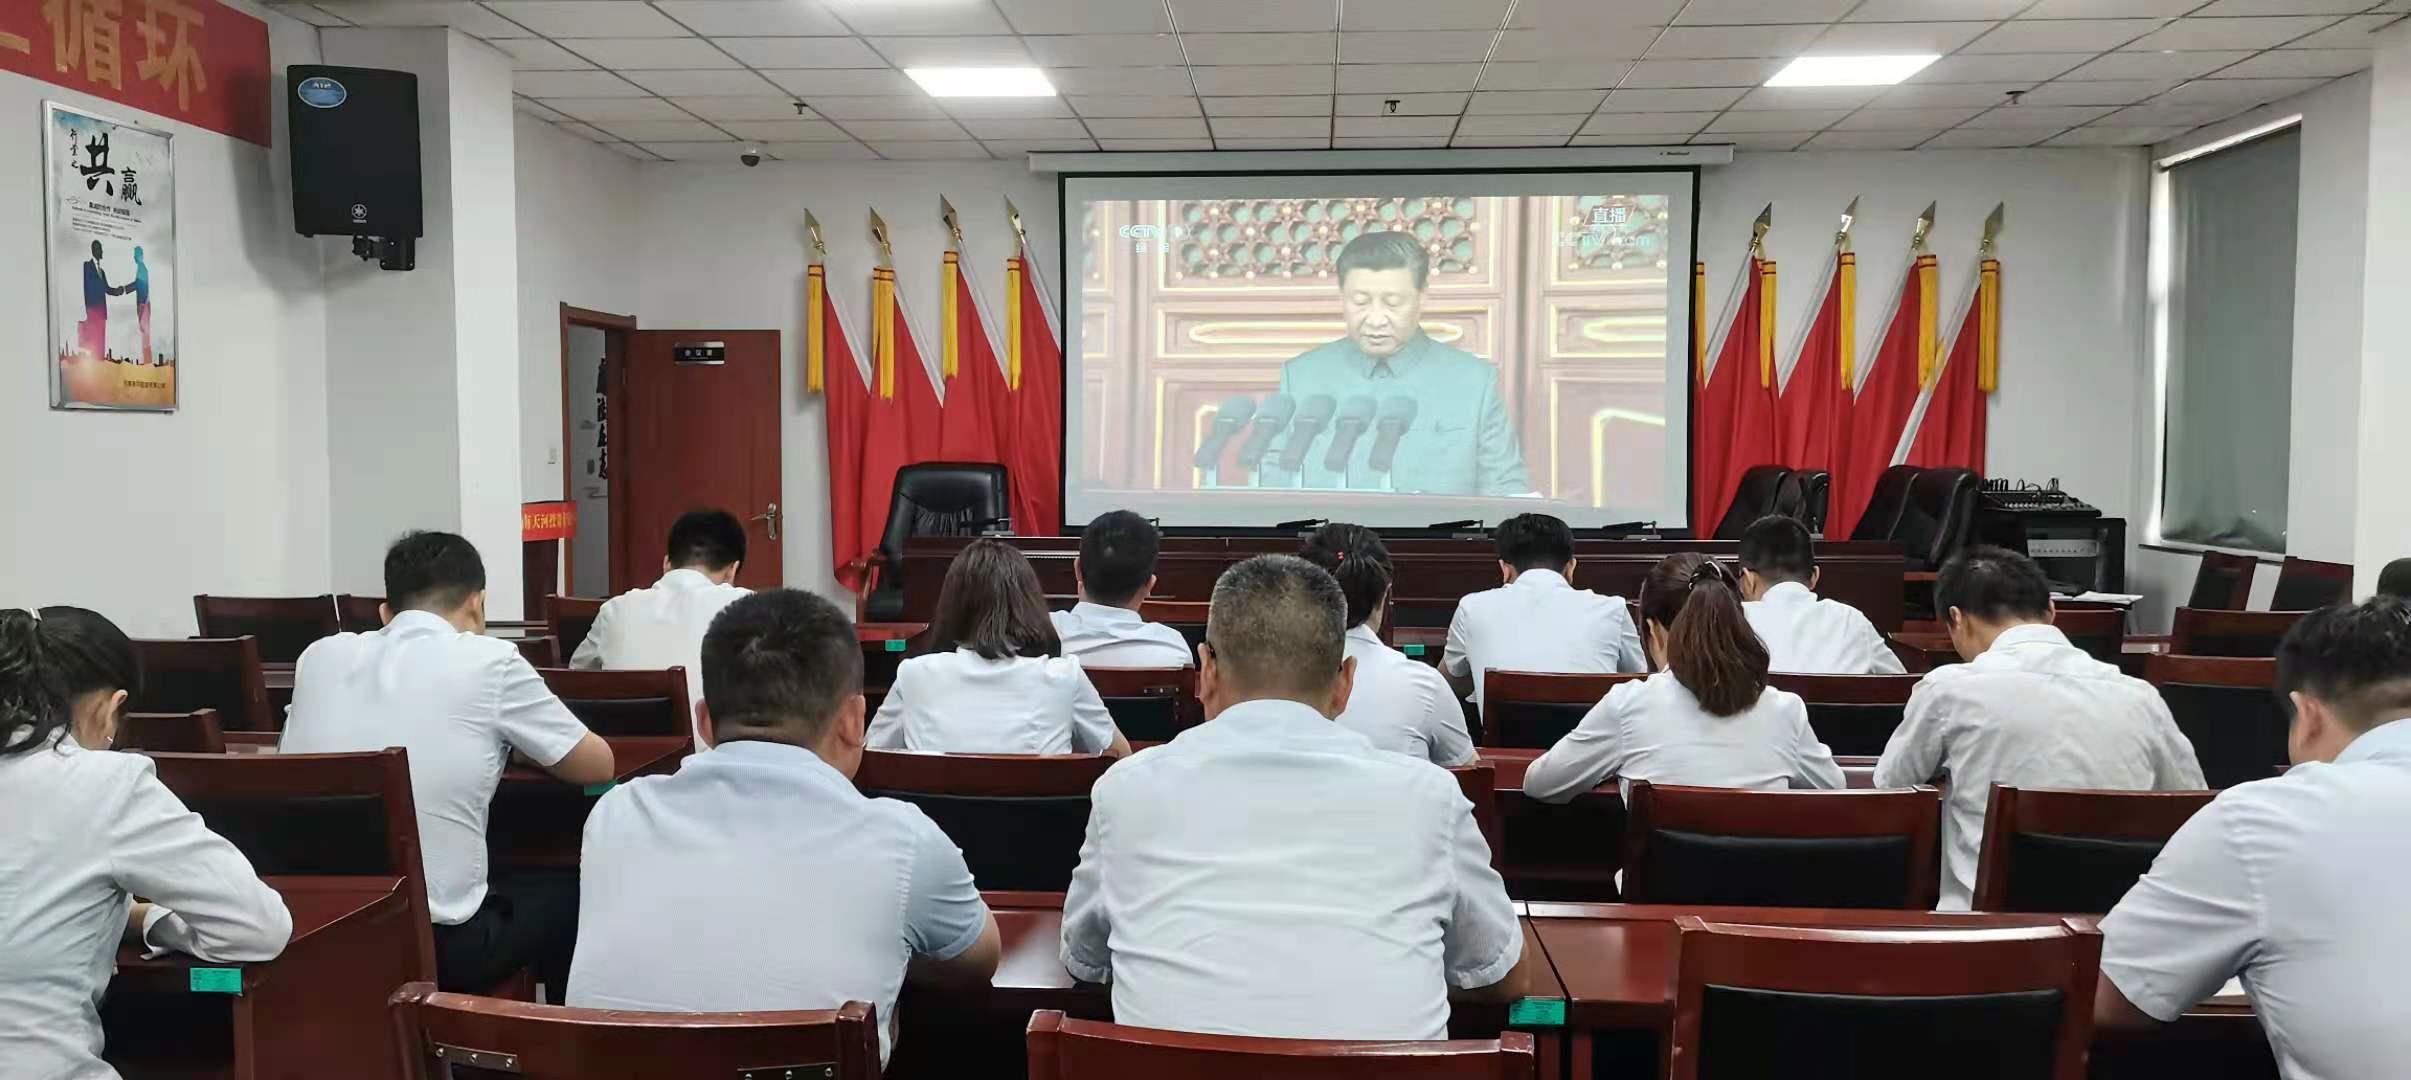 党务要闻丨天河投资组织开展庆祝中国共产党成立100周年系列活动